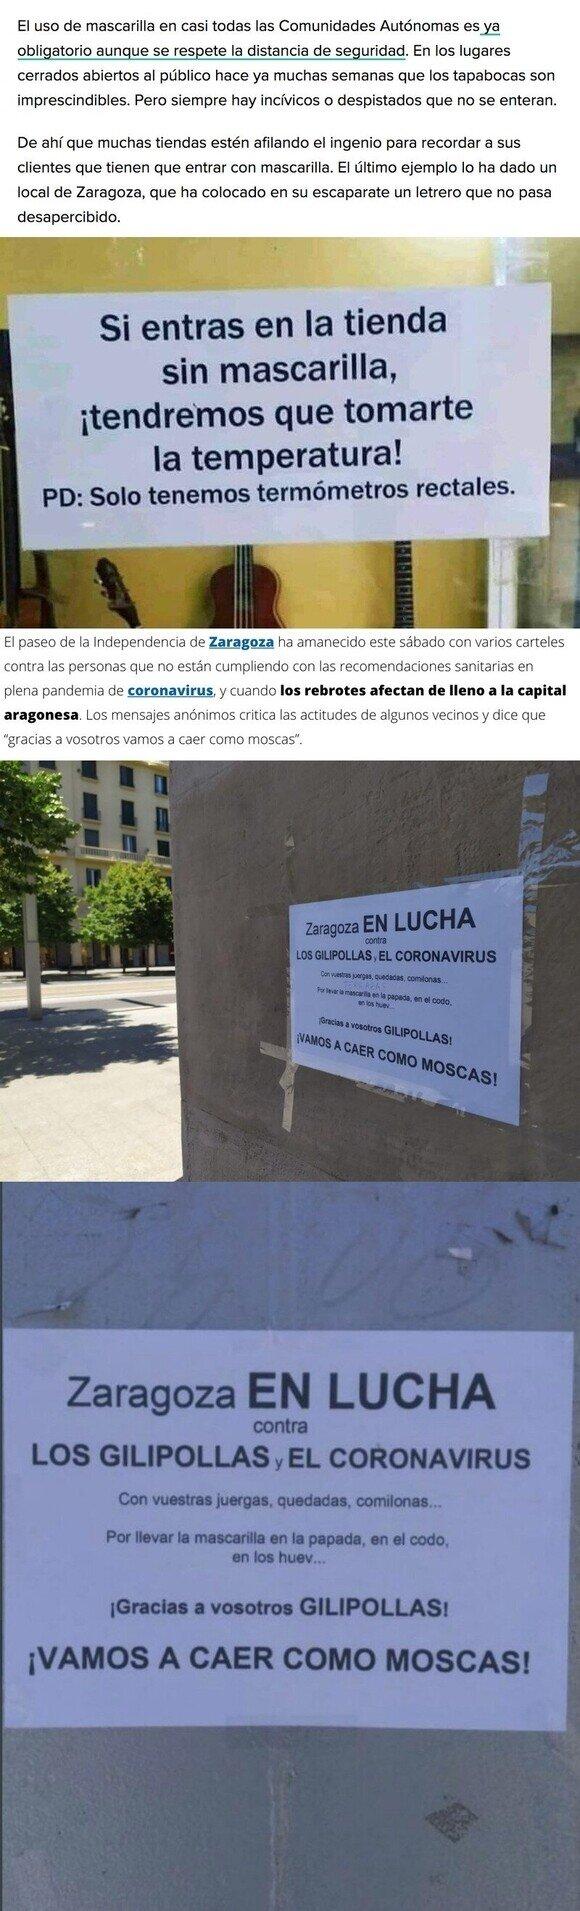 18550 - El llamativo cartel en una tienda de Zaragoza para obligar al uso de mascarilla